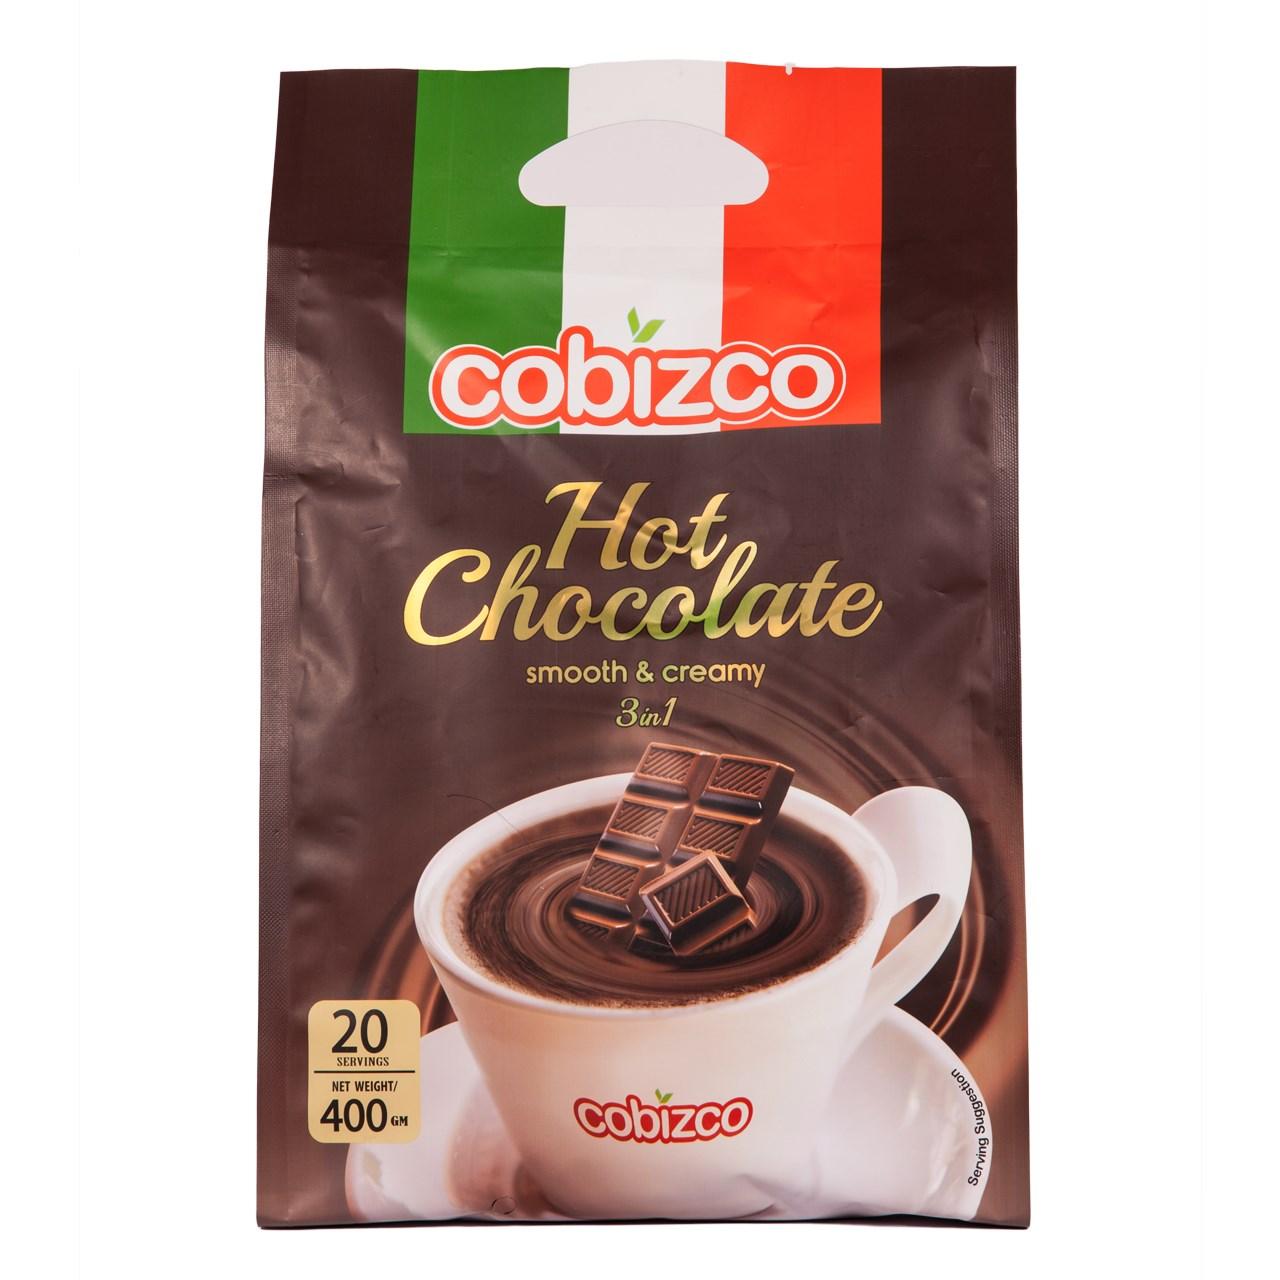 هات چاکلت کوبیزکو مدل Hot Chocolate